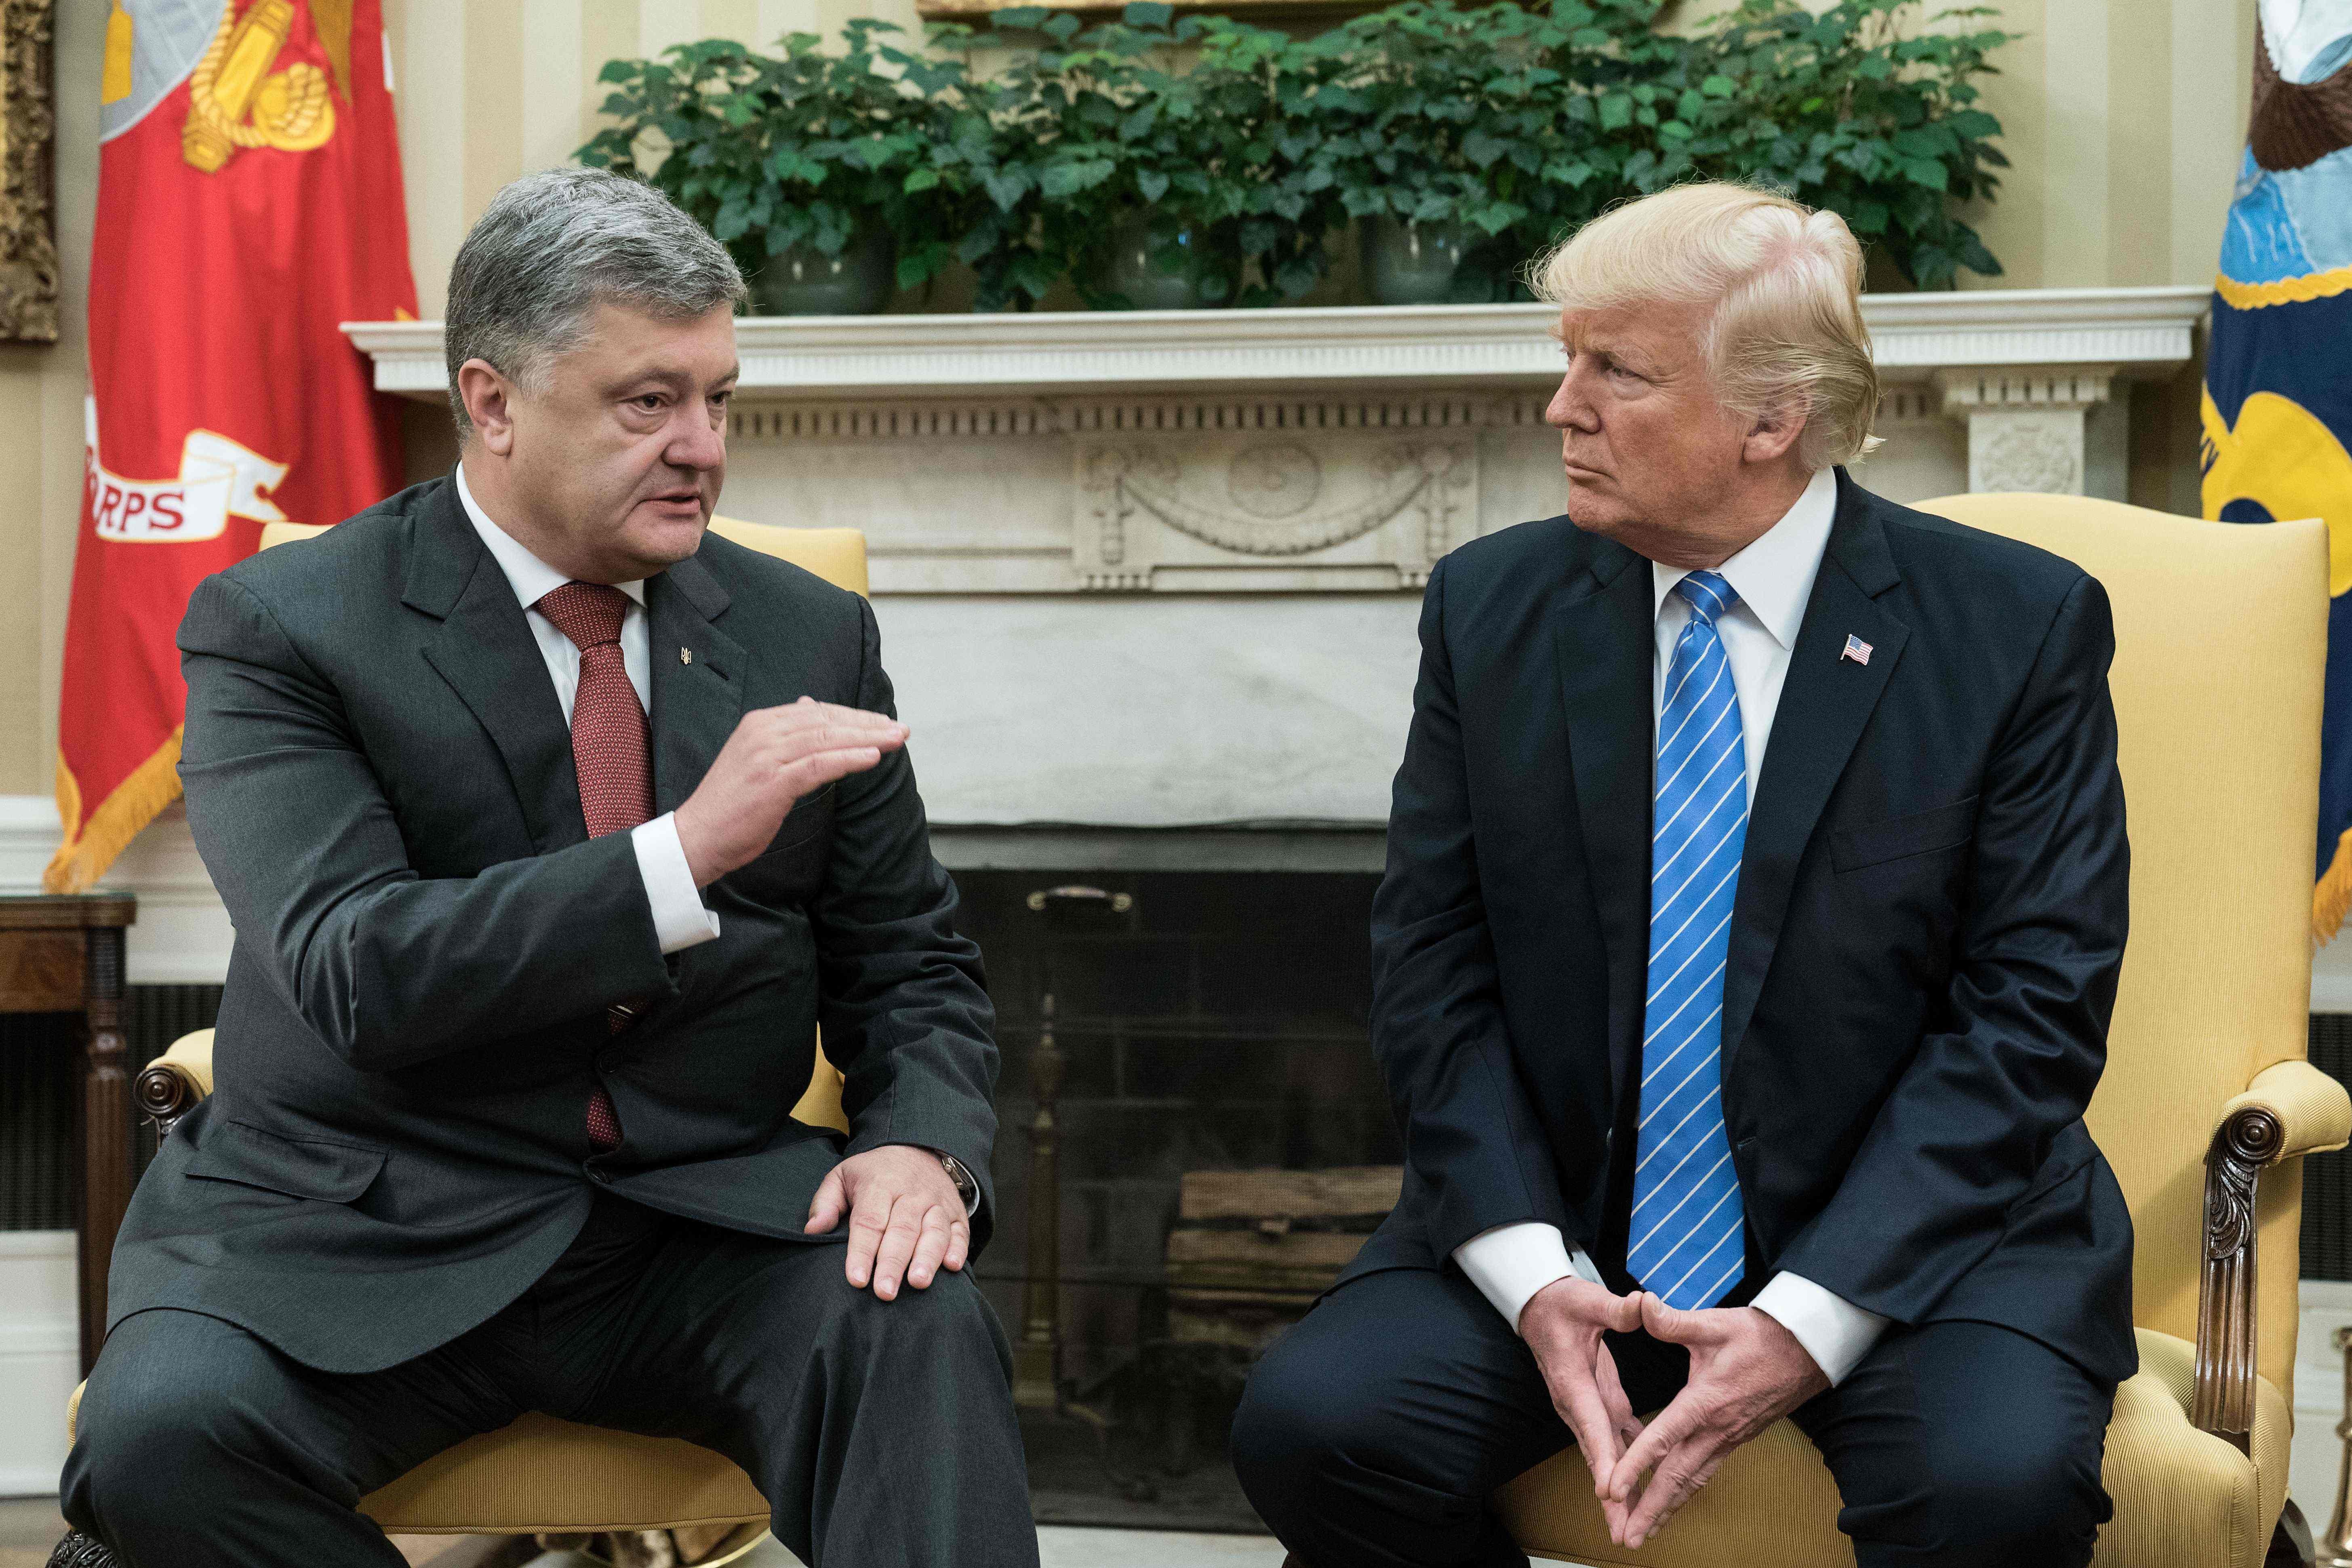 Трамп навстрече сПорошенко объявил о«вовлеченности» вдела Украинского государства